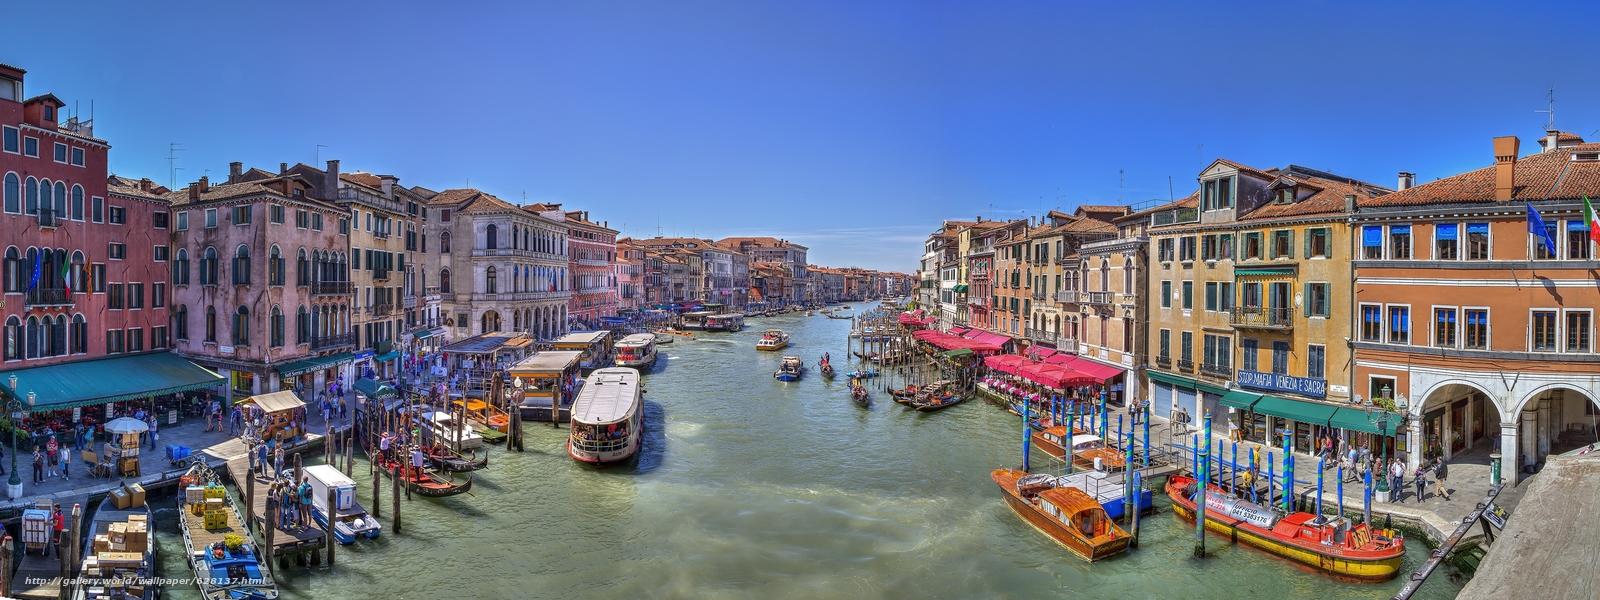 Скачать на телефон обои фото картинку на тему Grand Canal, Venice, венеция, разширение 3543x1329